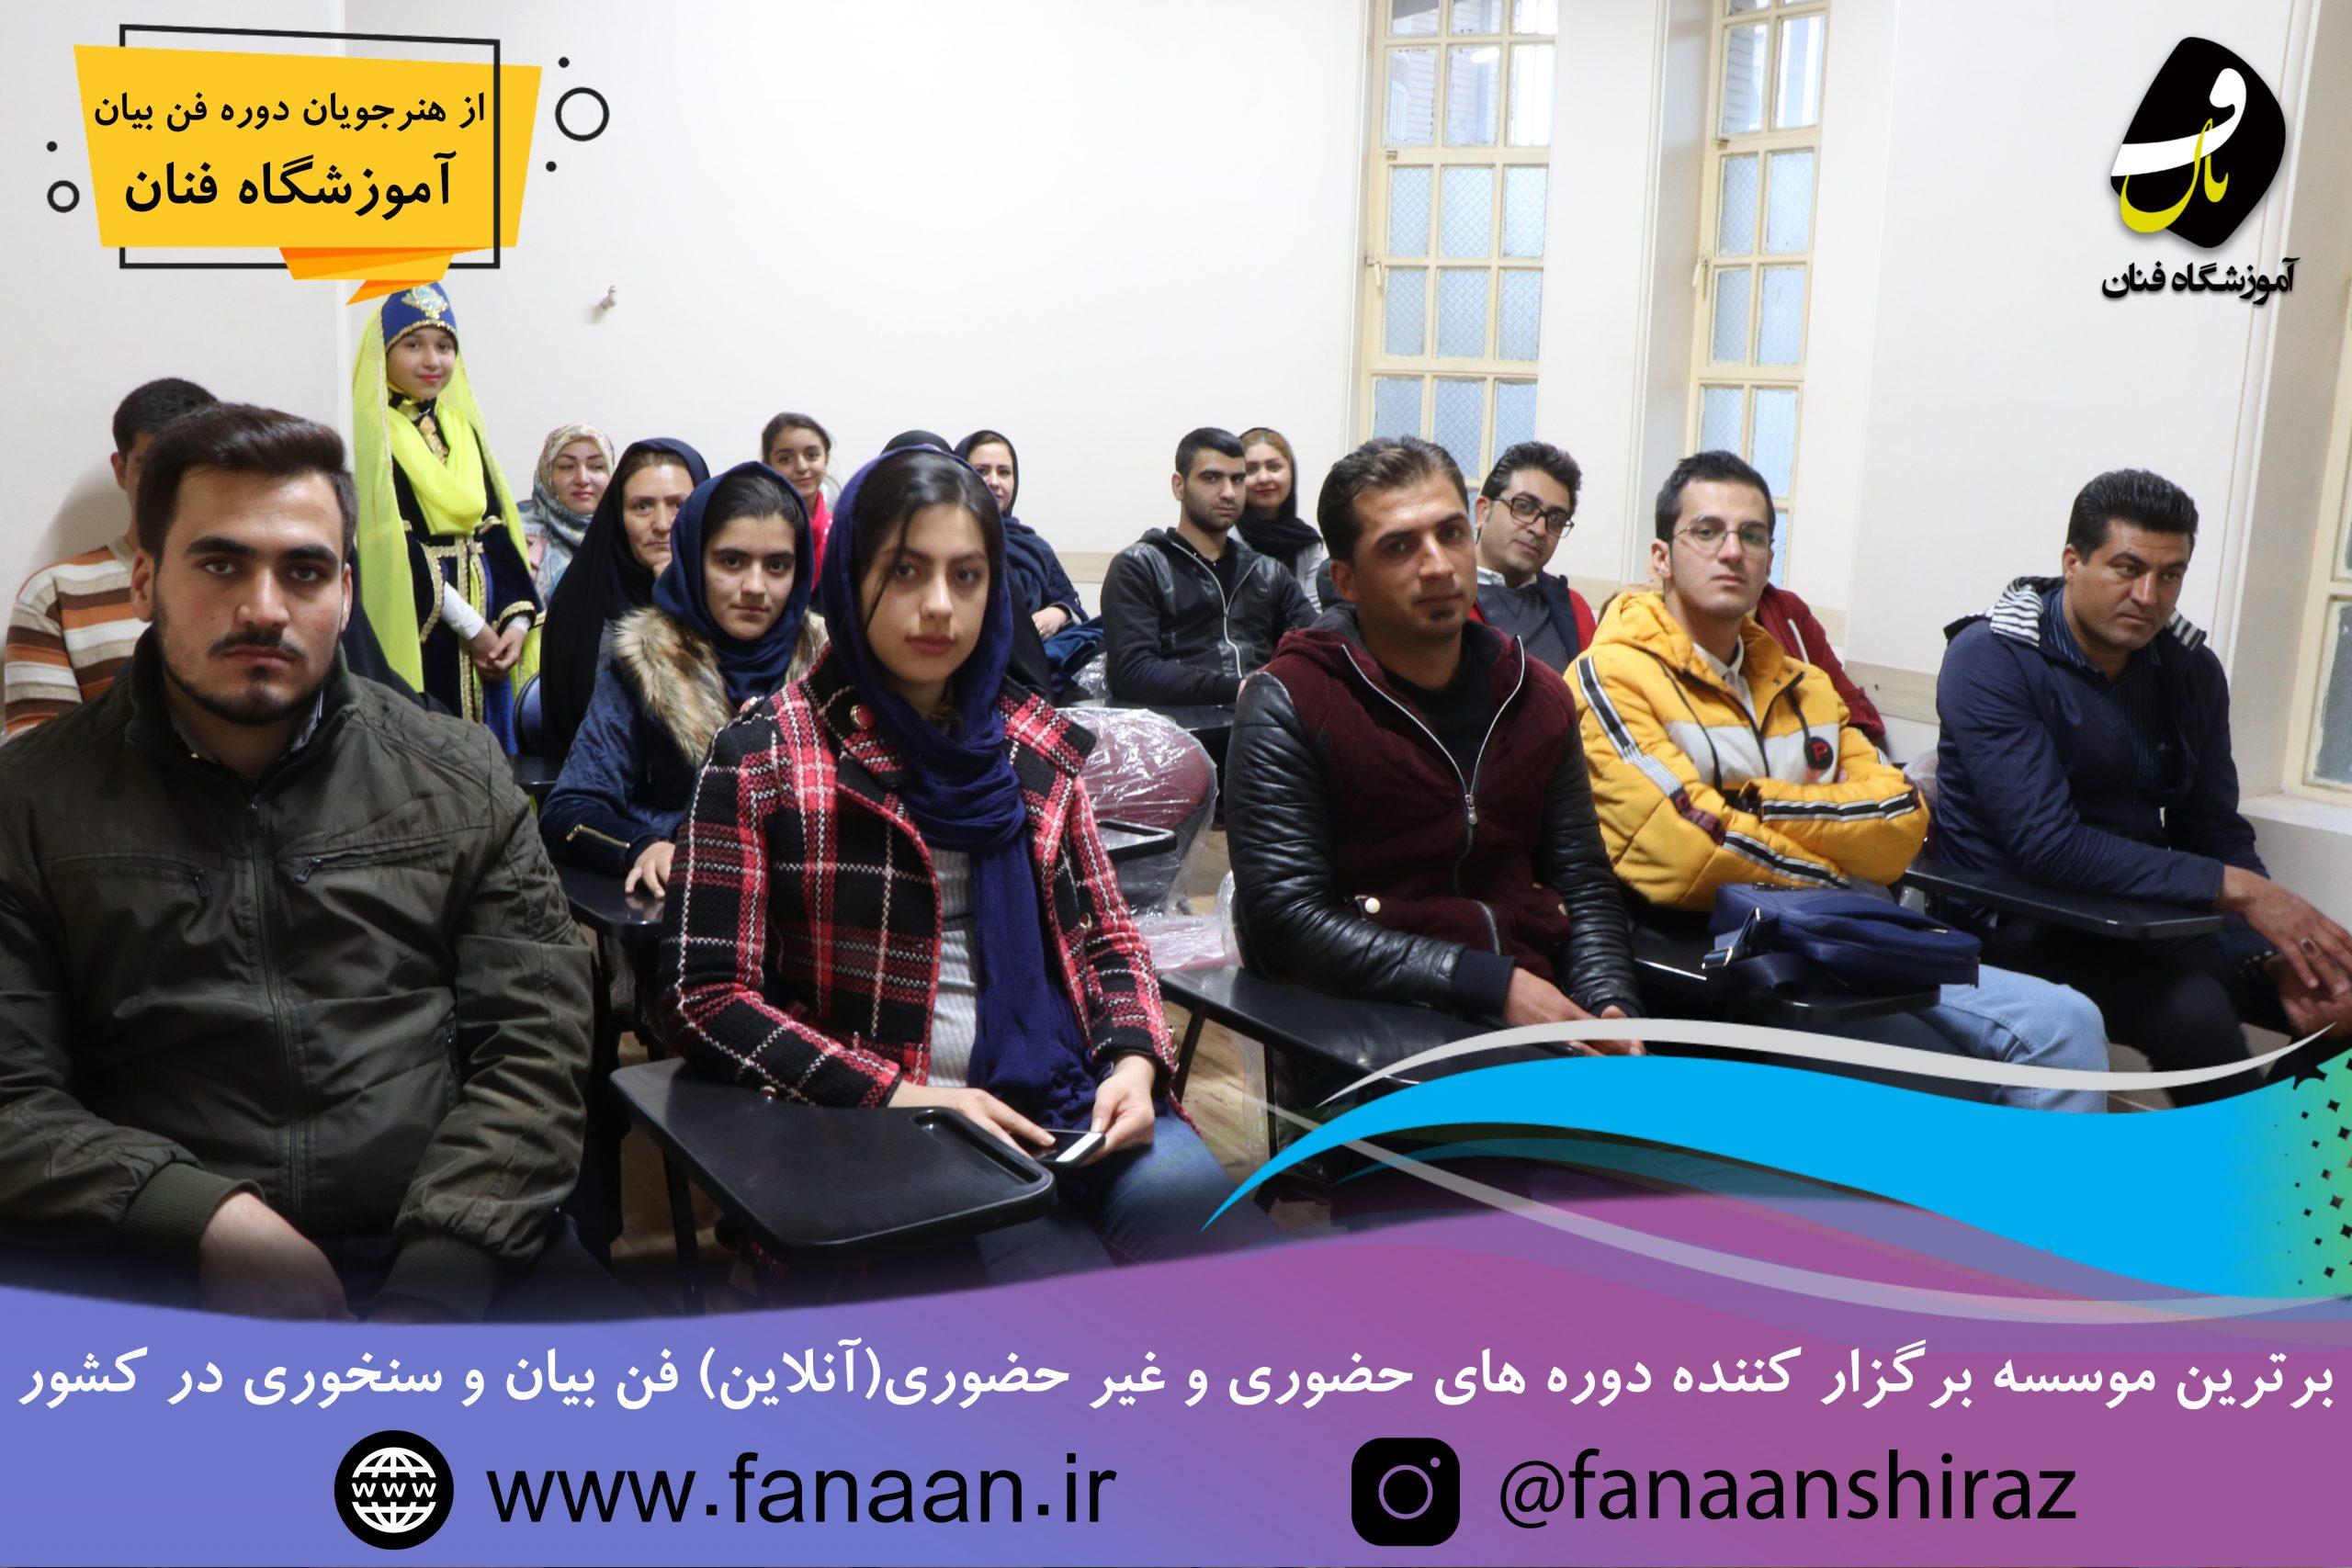 بهترین آموزشگاه فن بیان اصفهان